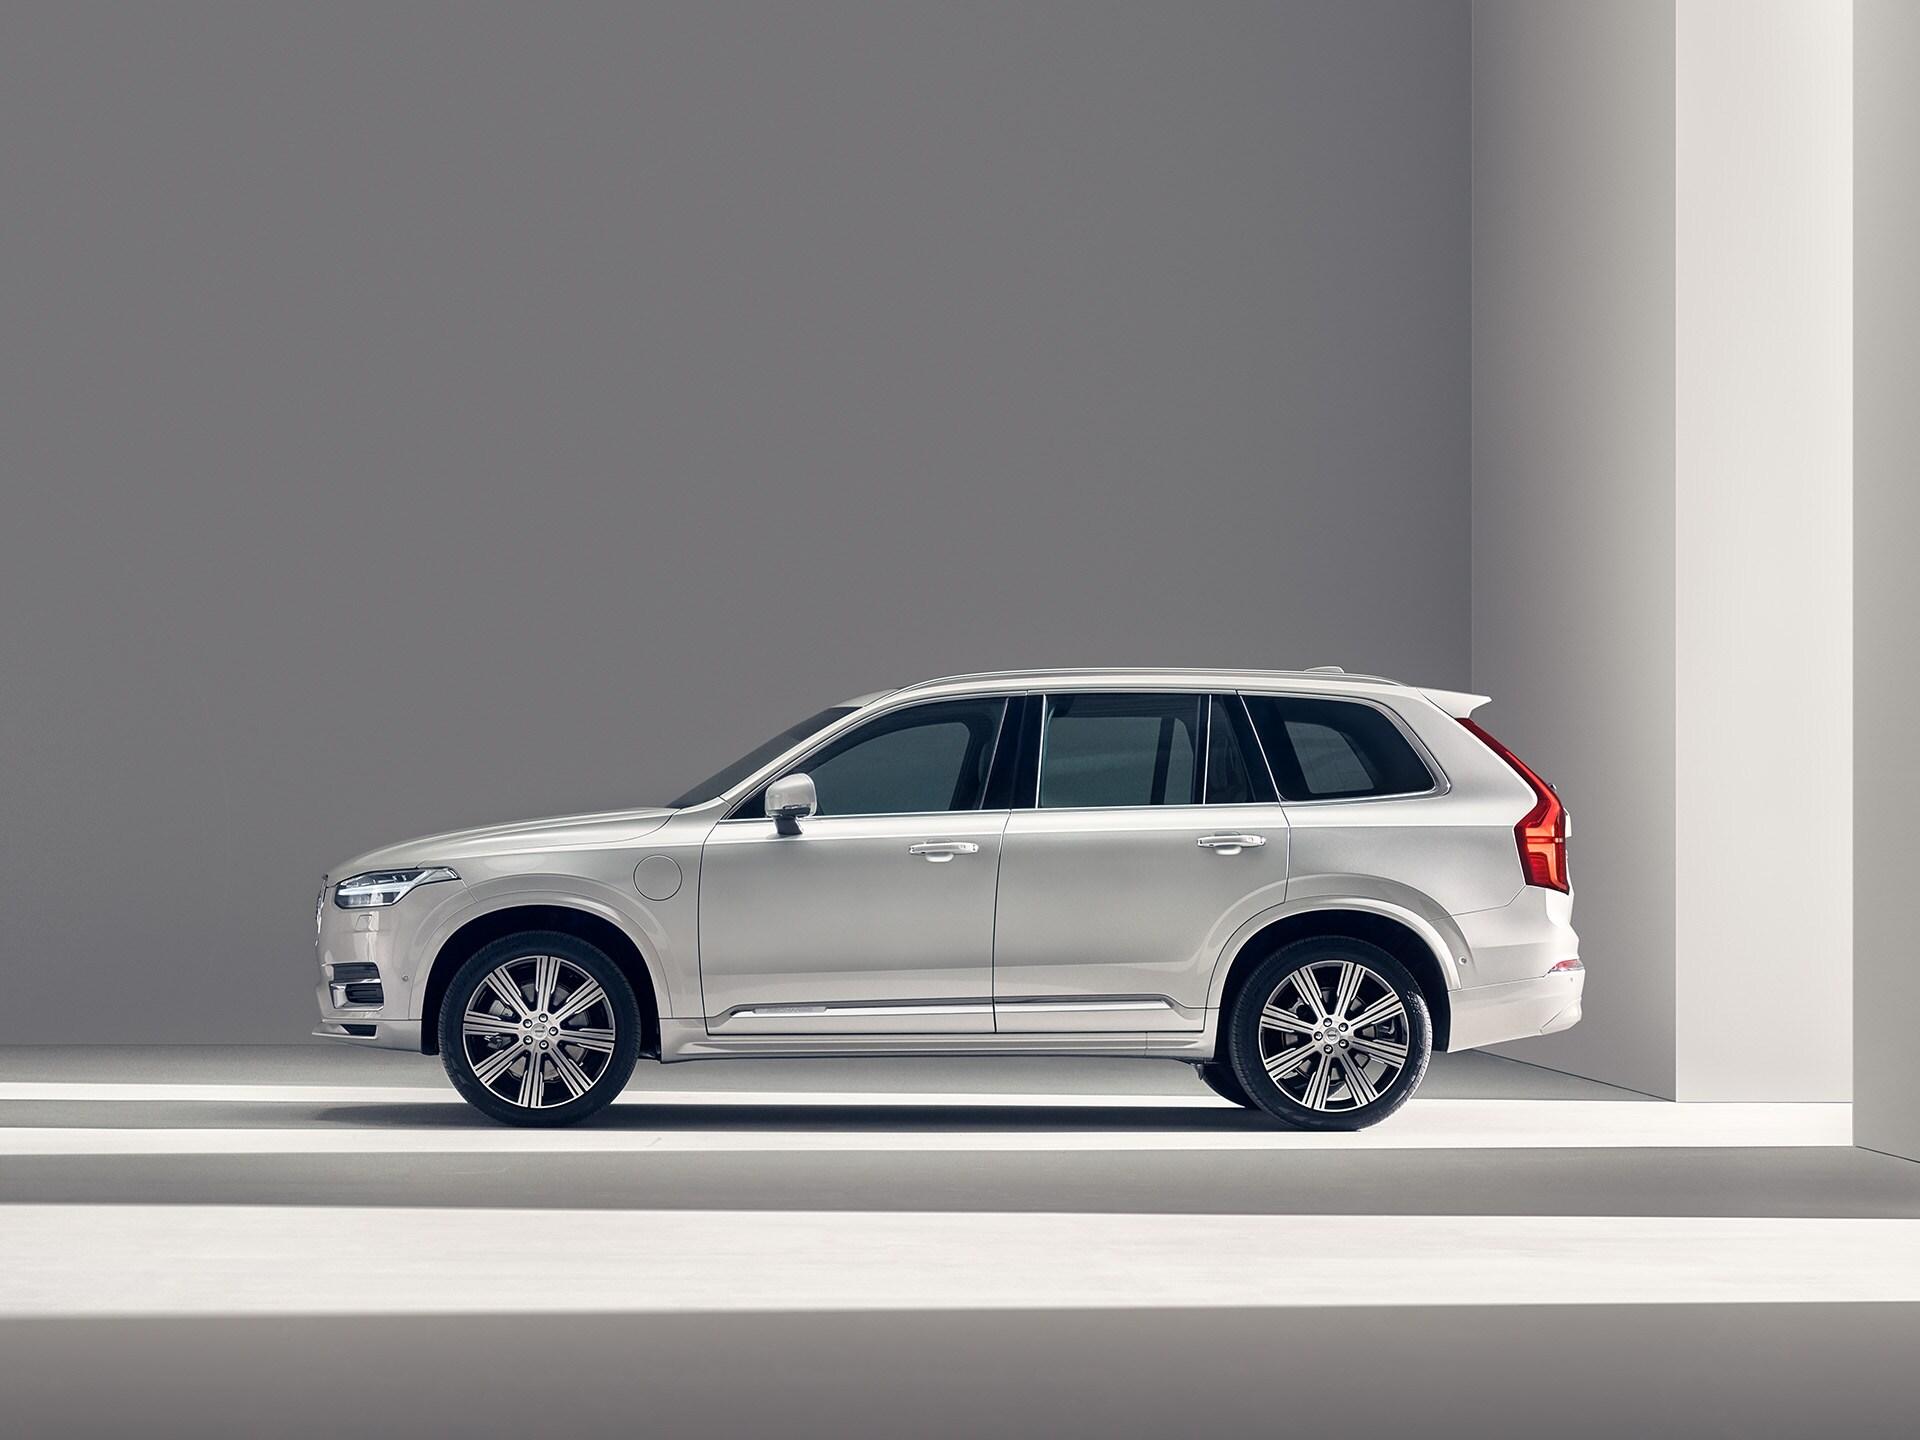 Bijeli Volvo SUV XC90 Recharge nepomično stoji